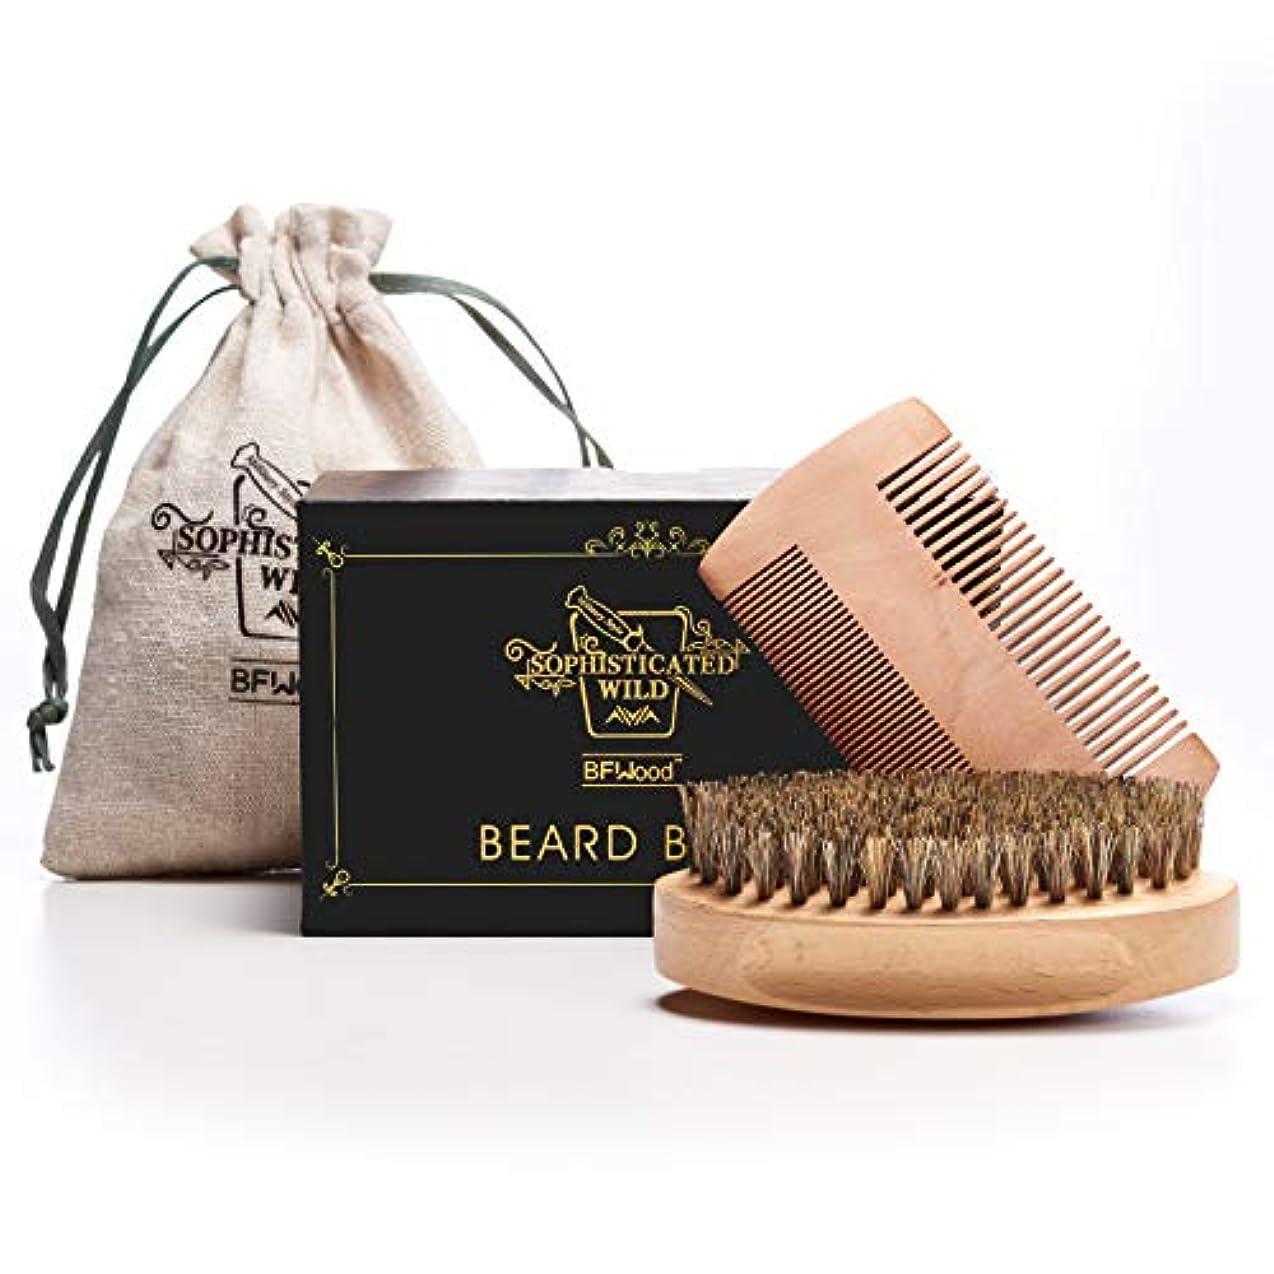 スイ珍しい抑制BFWood Beard Brush Set 豚毛髭ブラシと木製コム アメリカミリタリースタイル (ブラシとコムセット)